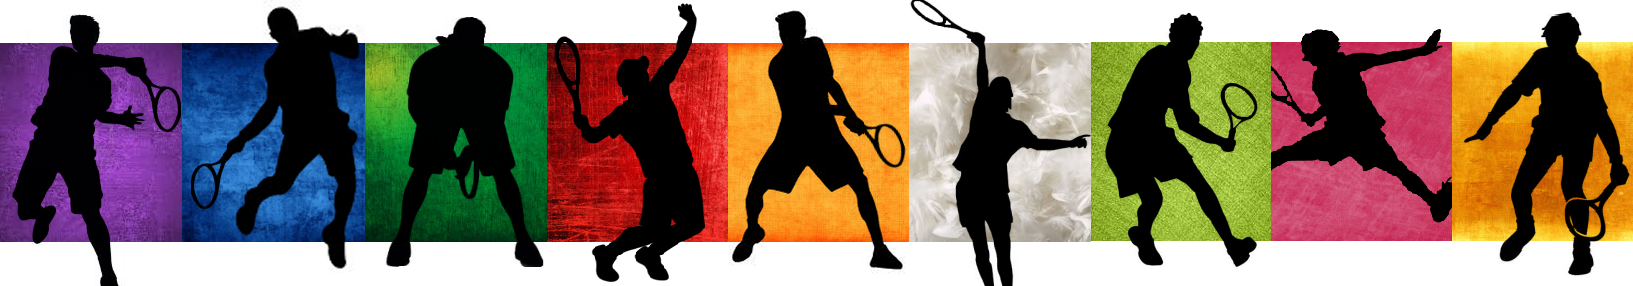 Prince Of Tennis Seigaku Team Banner By Swisskun On Deviantart